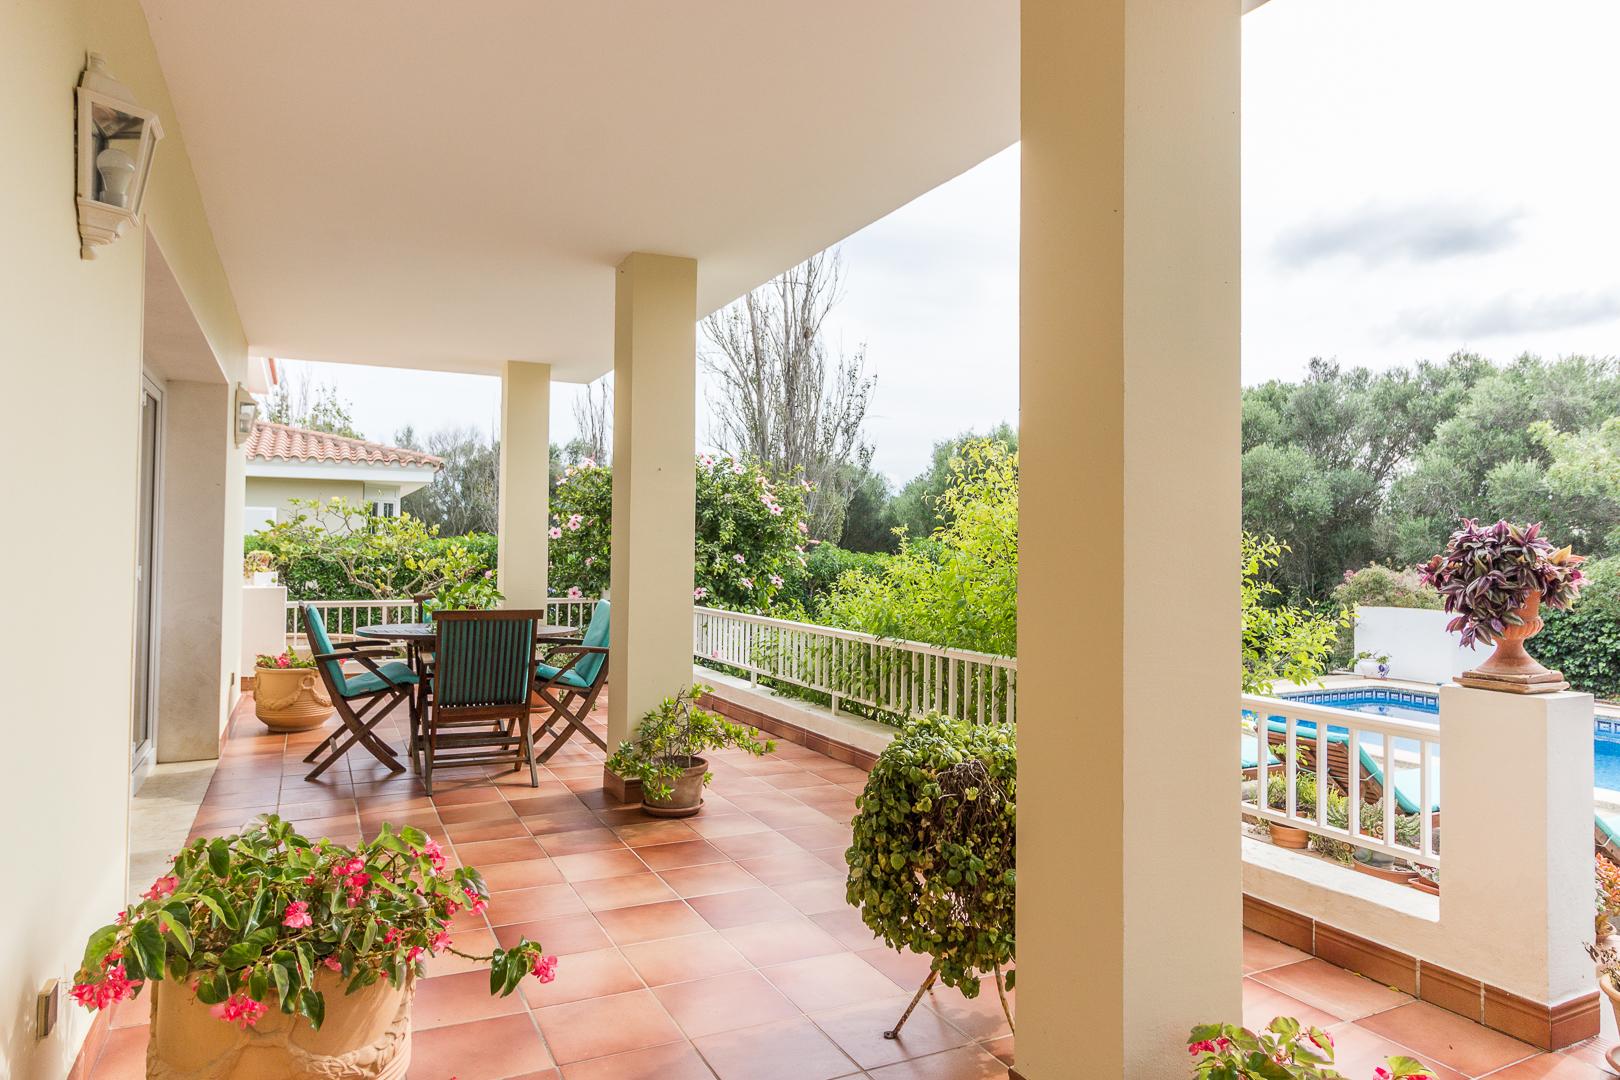 Villa in Binixica Ref: M8649 19